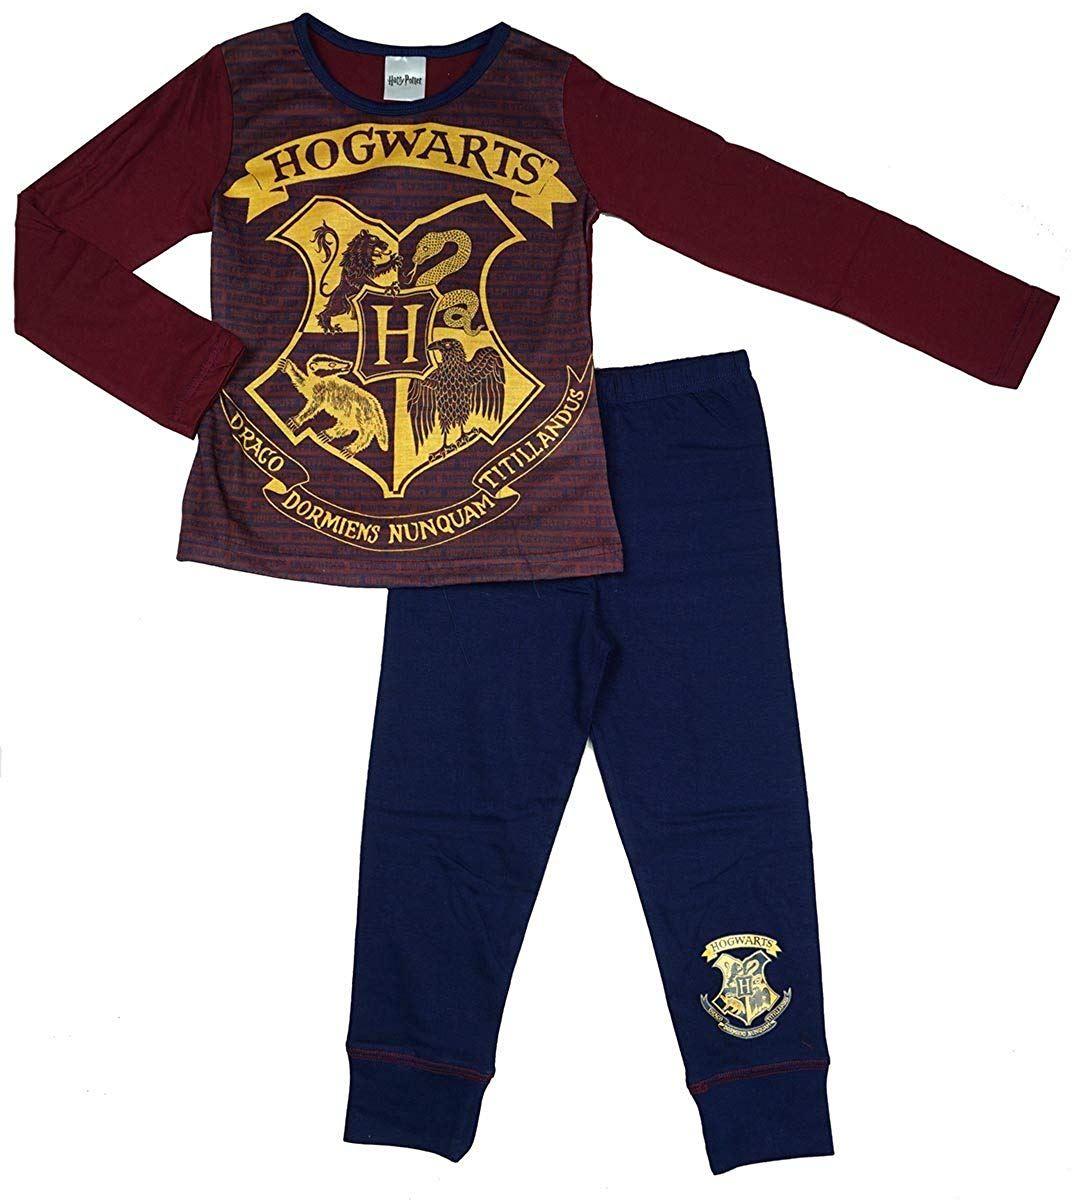 922c8a1a2 Harry Potter Hogwarts Girls Snuggle Fit Pyjamas | eBay